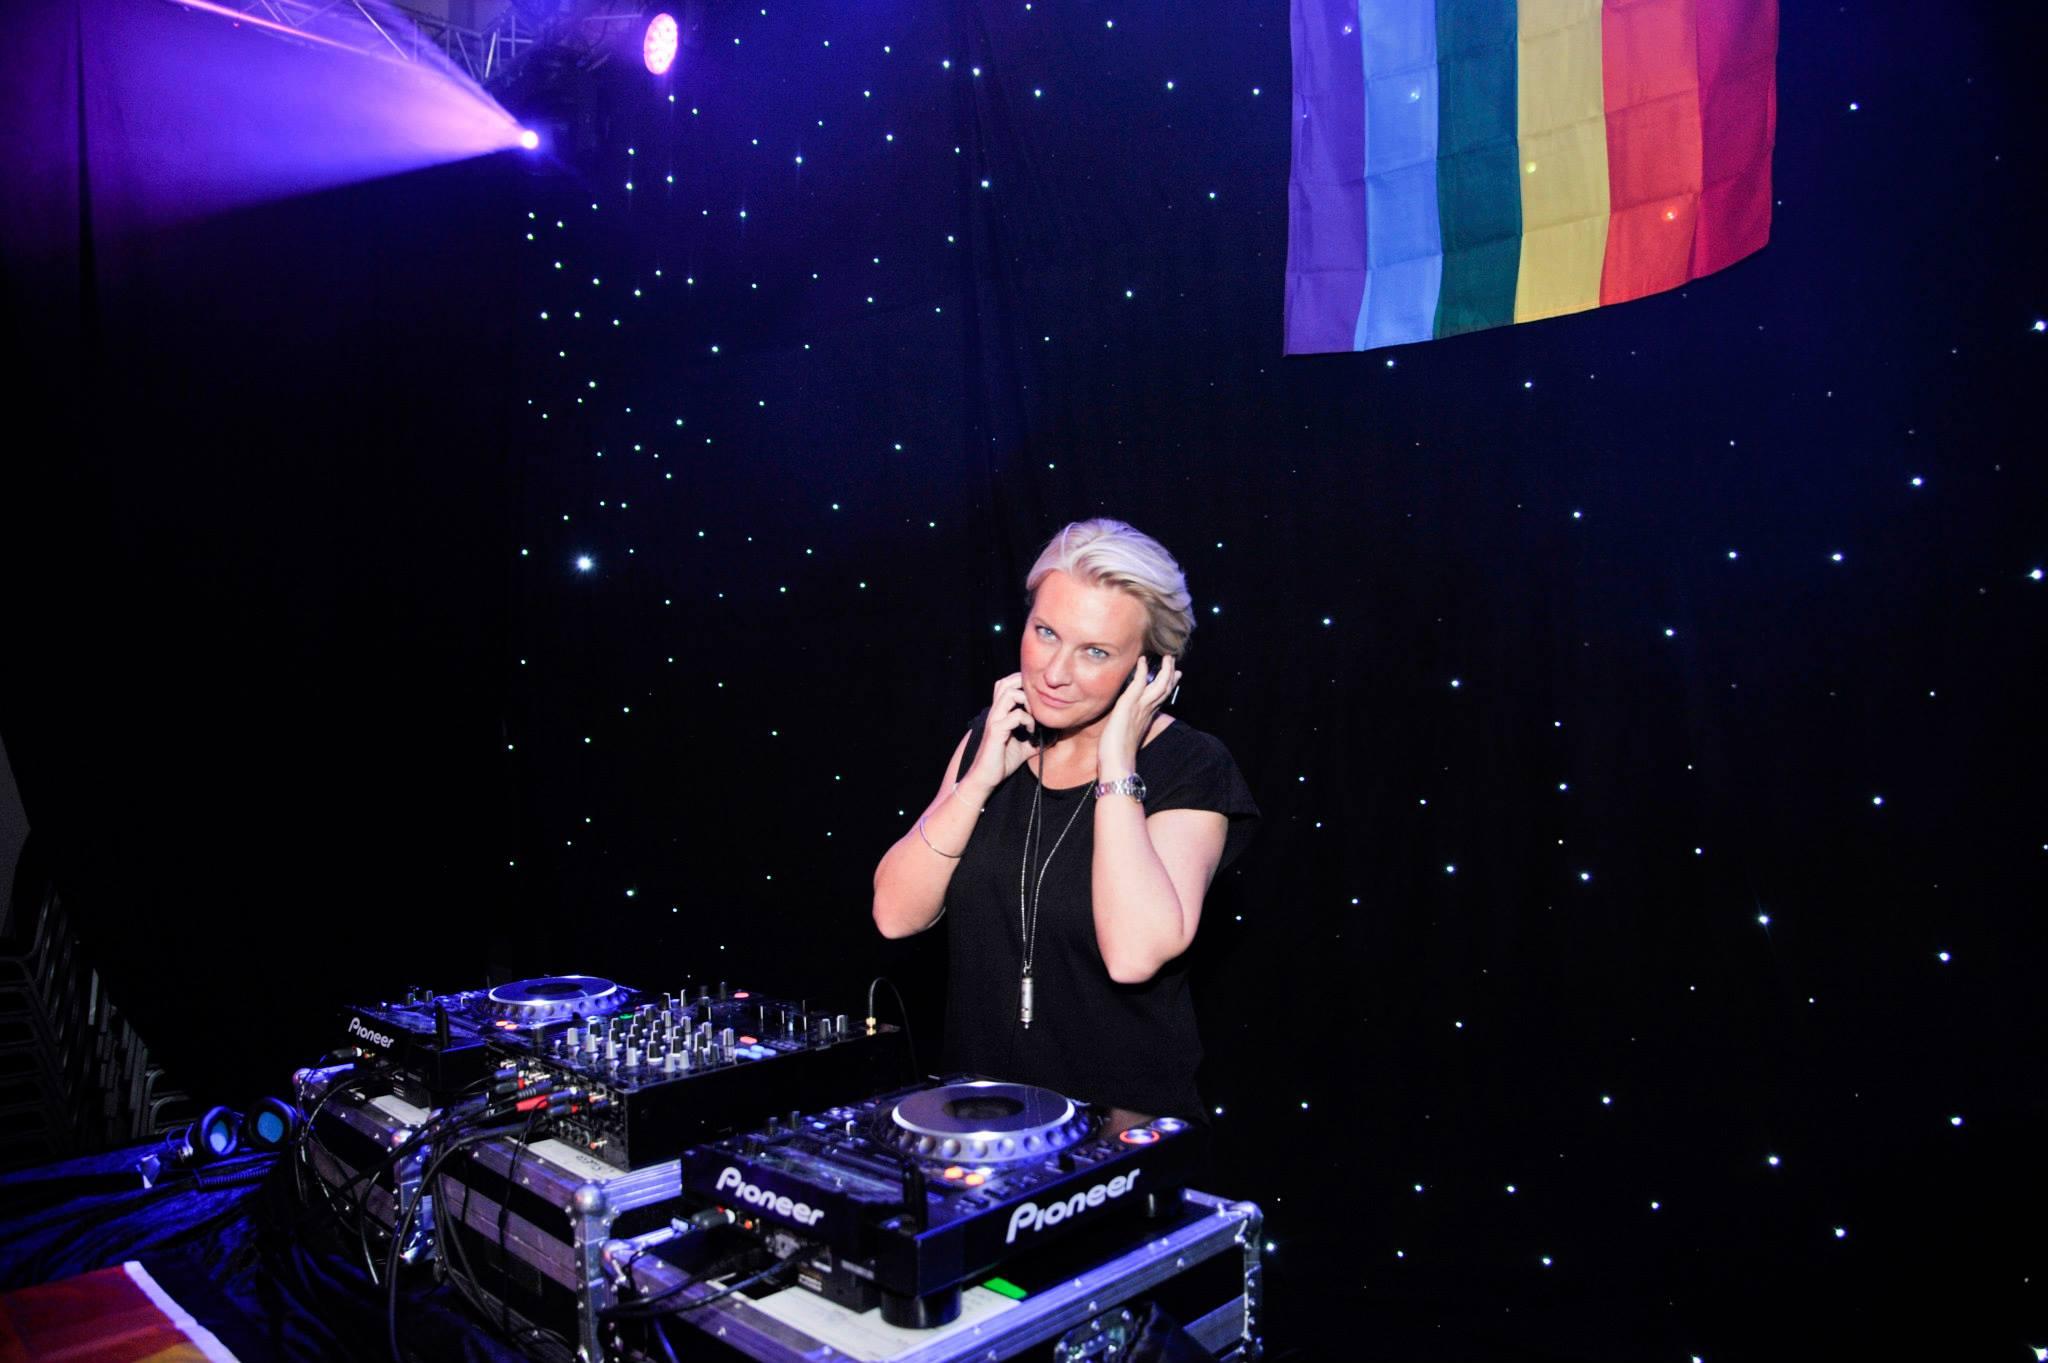 DJ Fride in CA